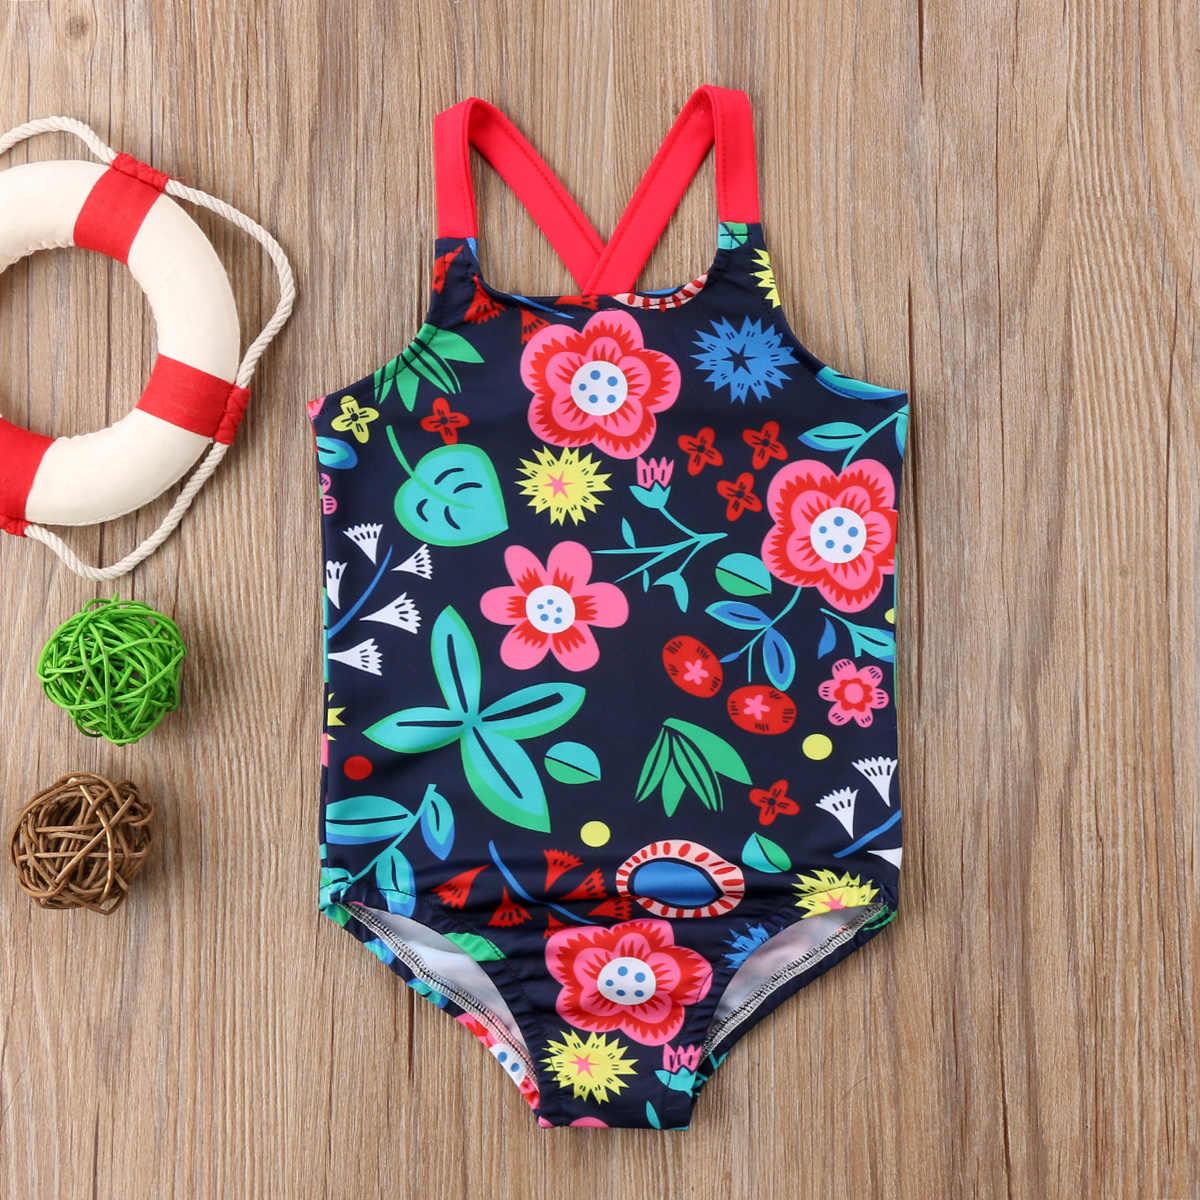 طفل أطفال طفلة المايوه 2018 جديد البوب الزهور tankini بيكيني ملابس السباحة زي